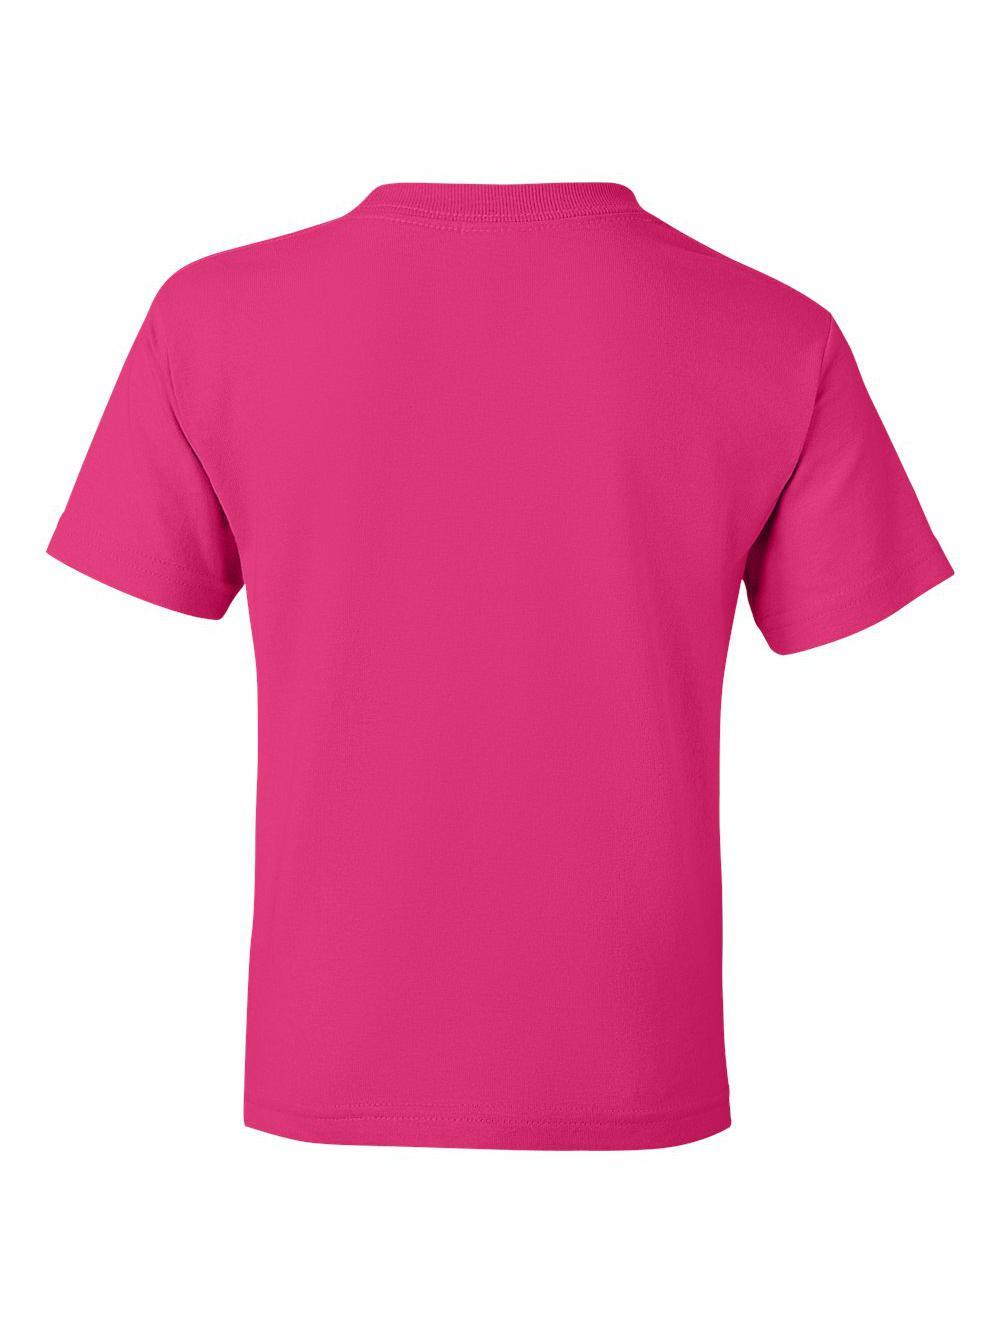 Gildan-DryBlend-Youth-50-50-T-Shirt-8000B thumbnail 46